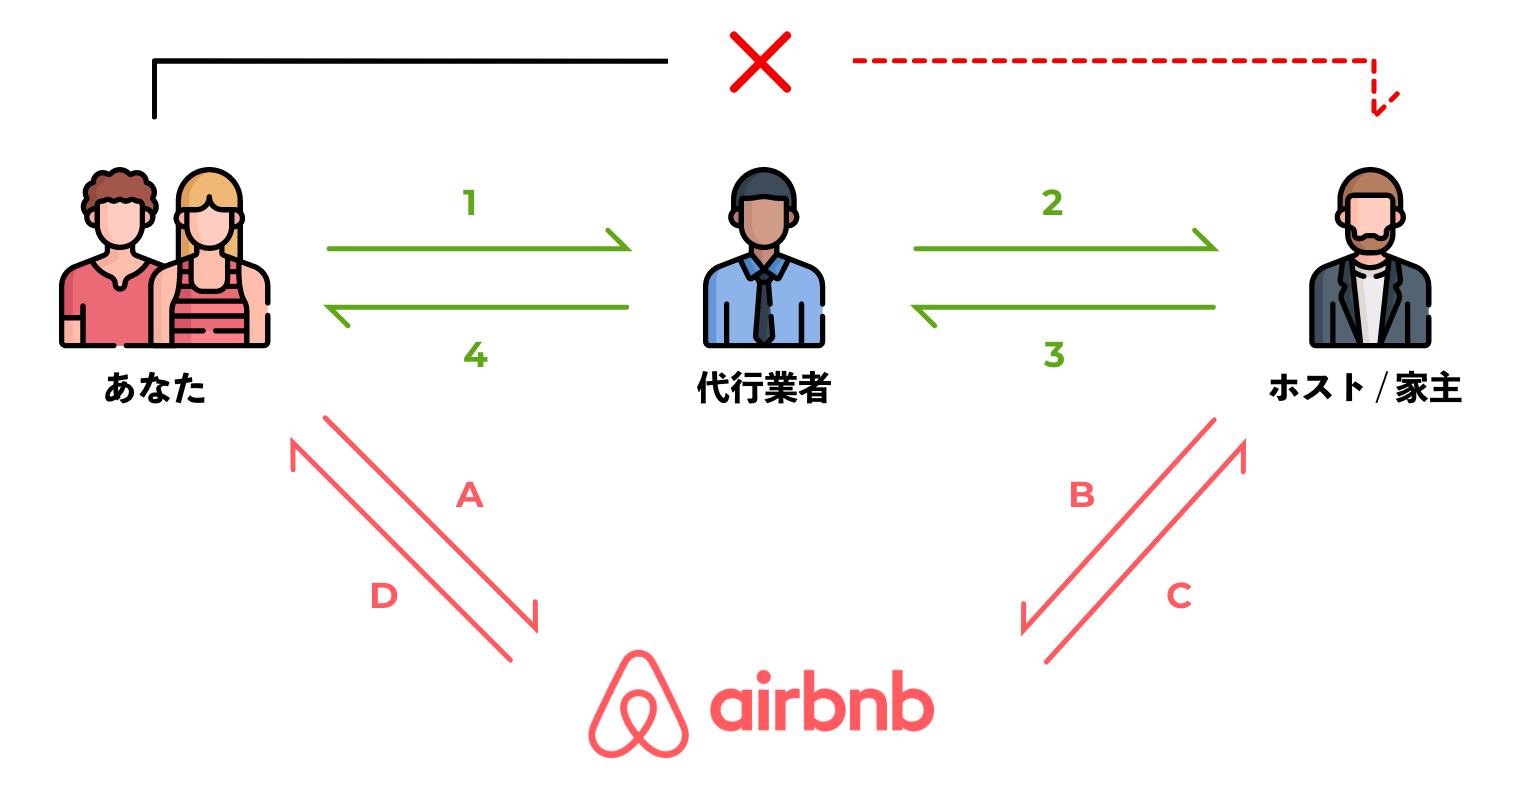 ホストに連絡するのさえ面倒くさいのに、そこにAirbnbが絡むと余計に時間がかかります。ユーザーから代行業者、代行業者からホスト。ユーザーからAirbnbからホスト...ややこしい!!